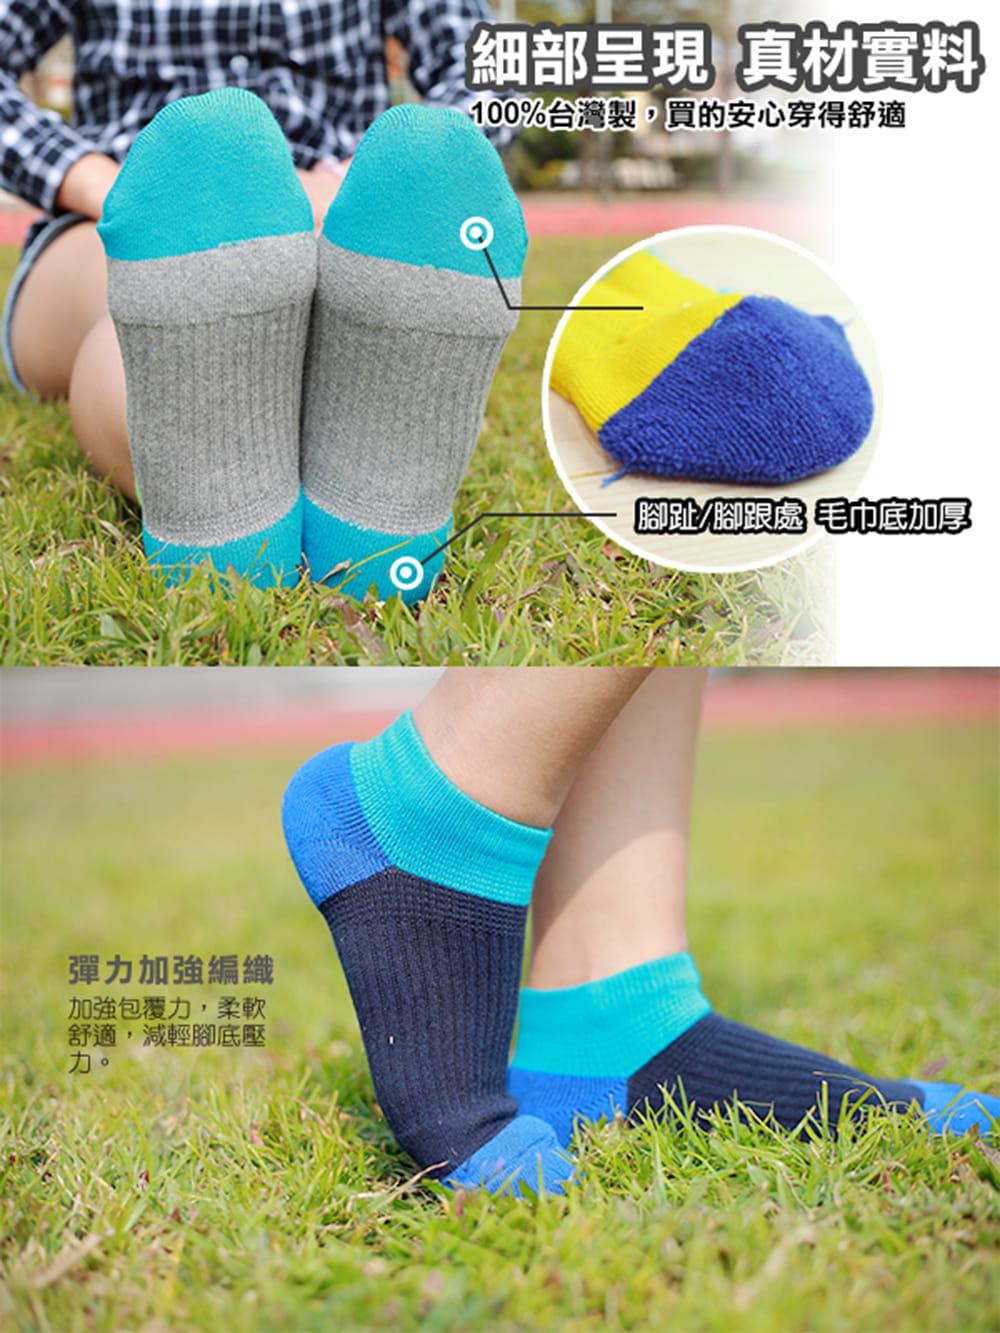 【老船長】(K144-8M)足弓輕壓機能運動襪-女款 3